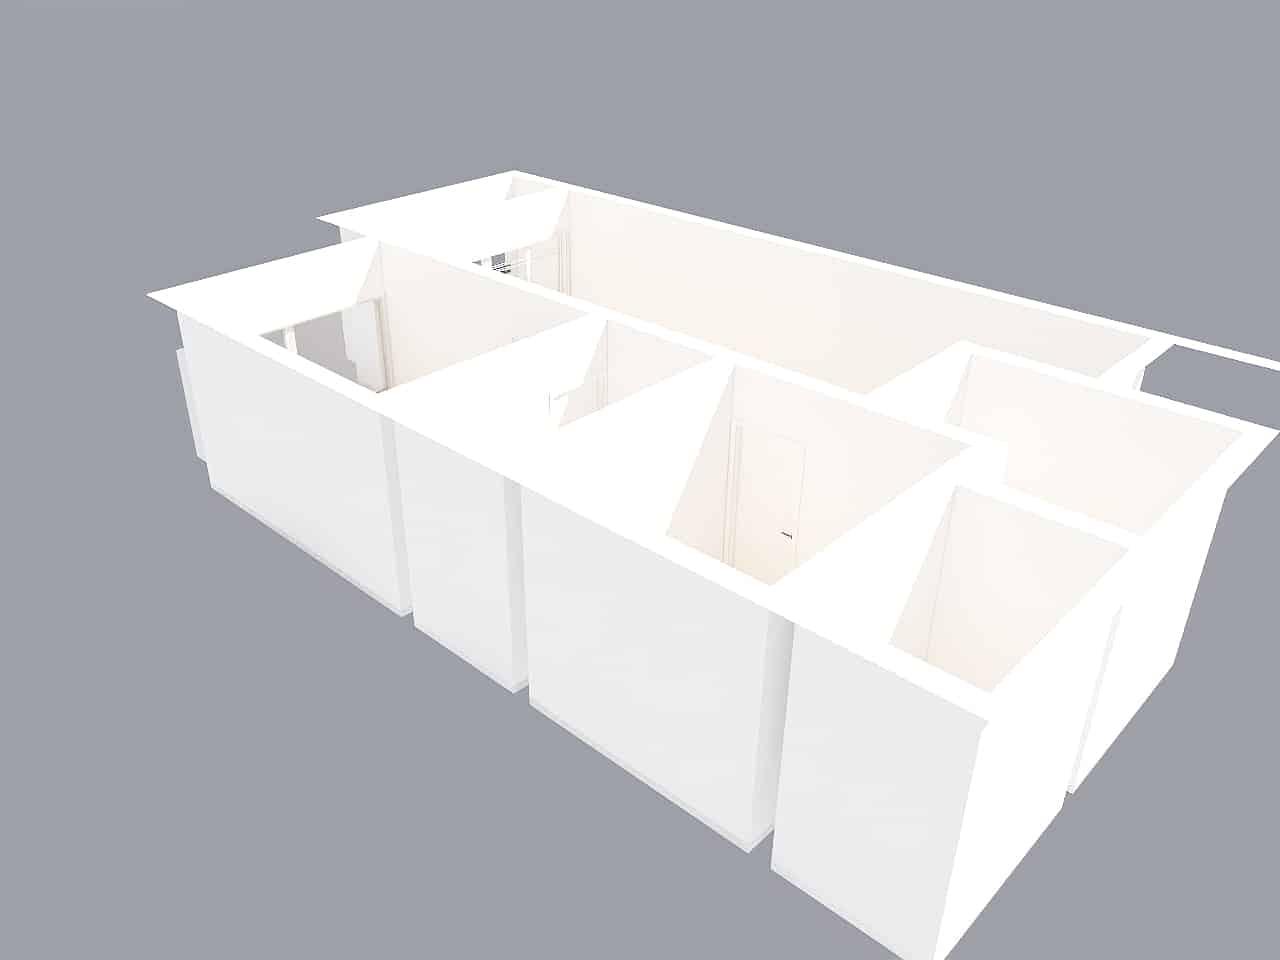 Vista aérea en 3D con paredes sin amueblar